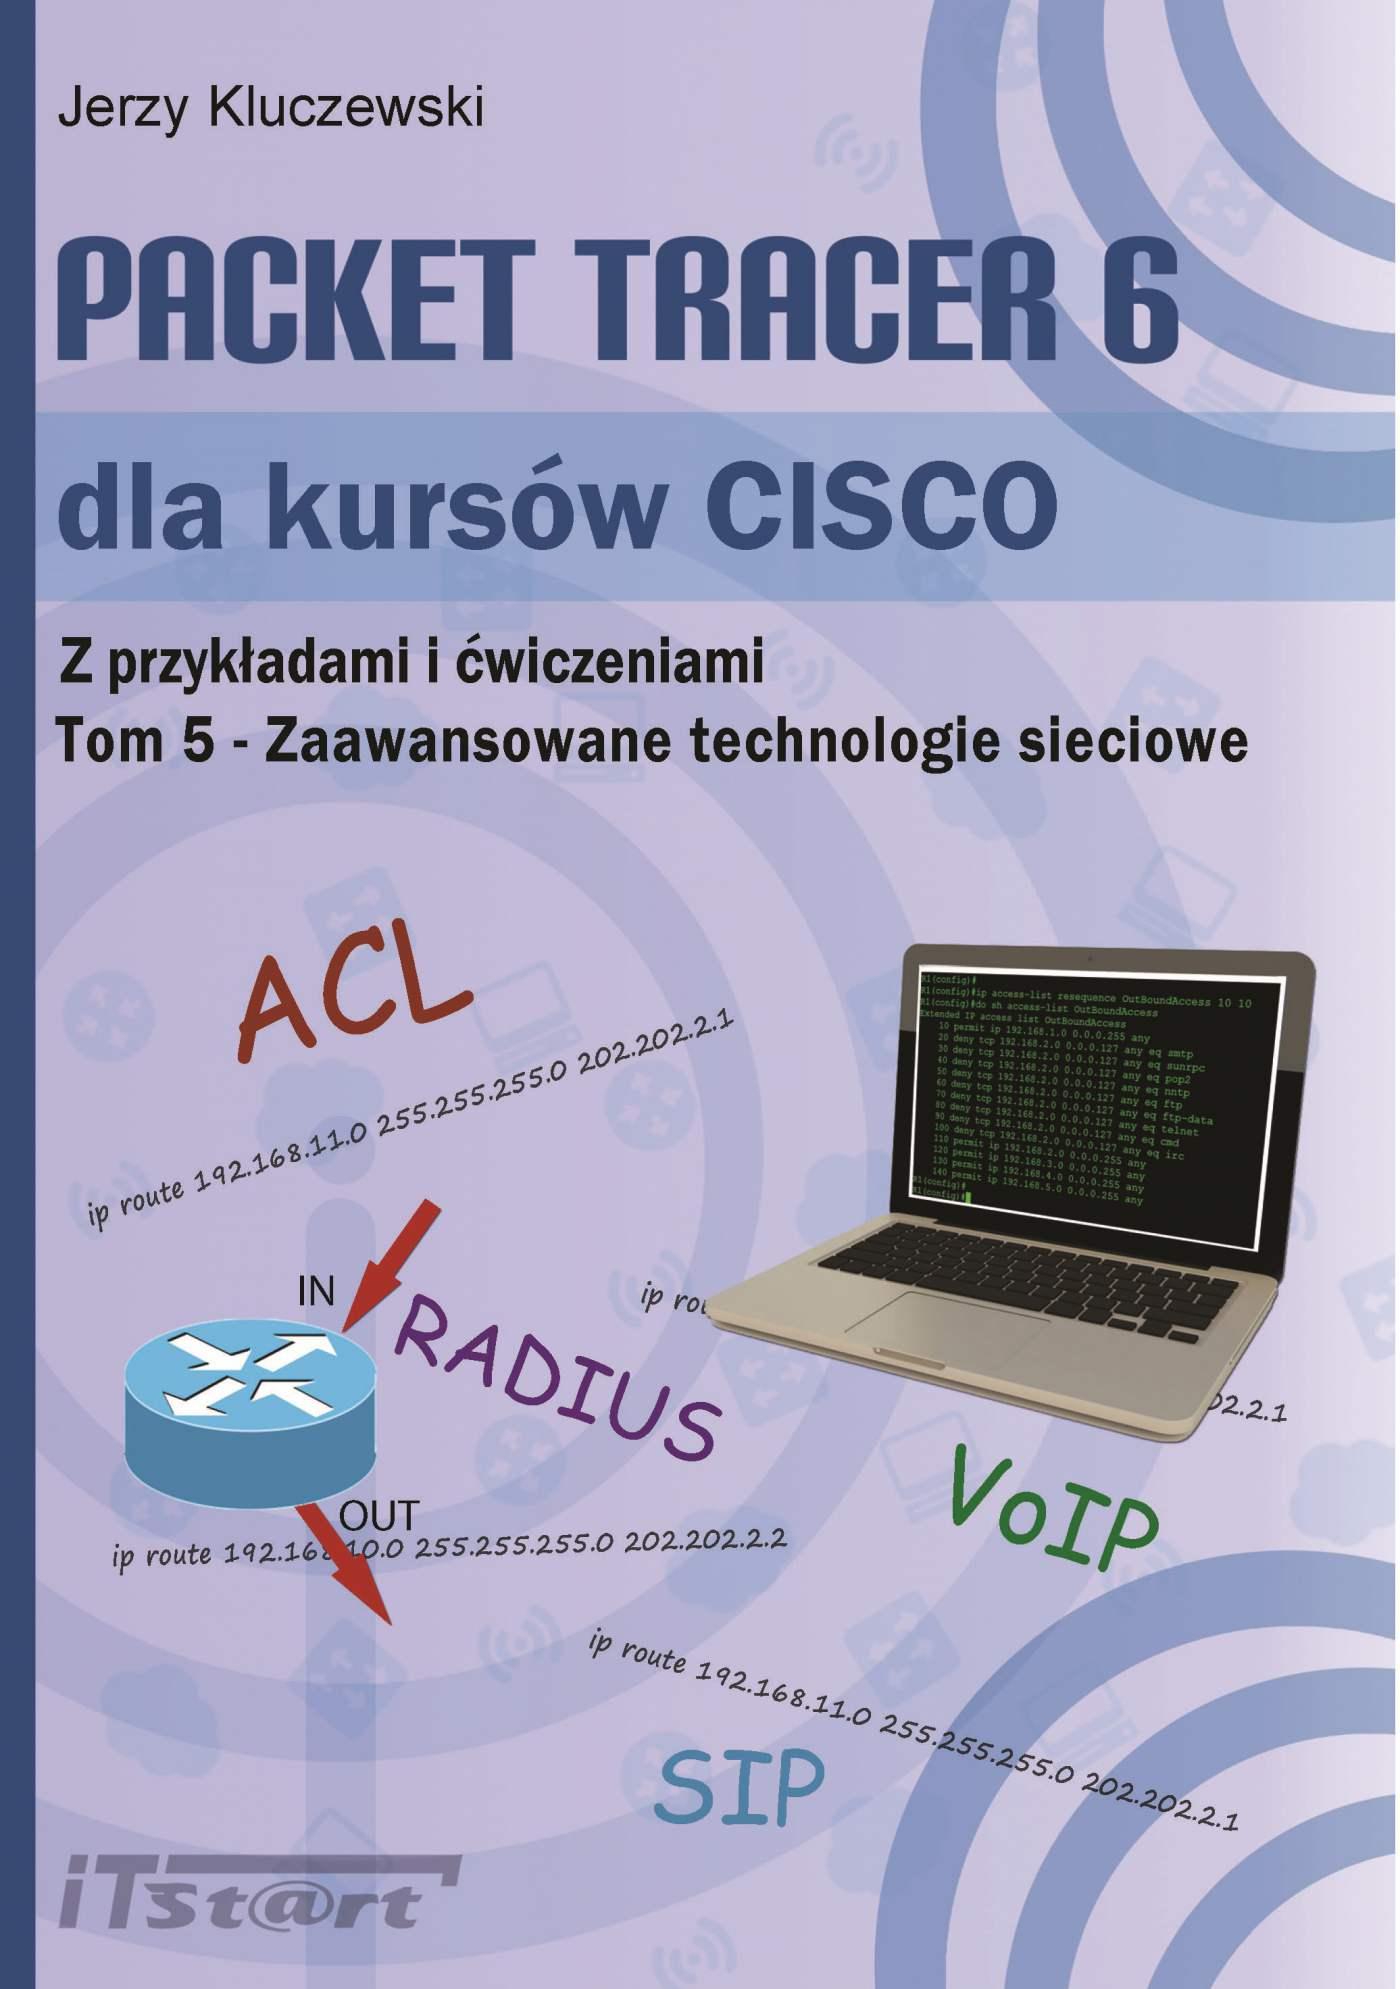 Packet Tracer 6 dla kursów CISCO TOM 5 - Zaawansowane technologie sieciowe - Ebook (Książka PDF) do pobrania w formacie PDF